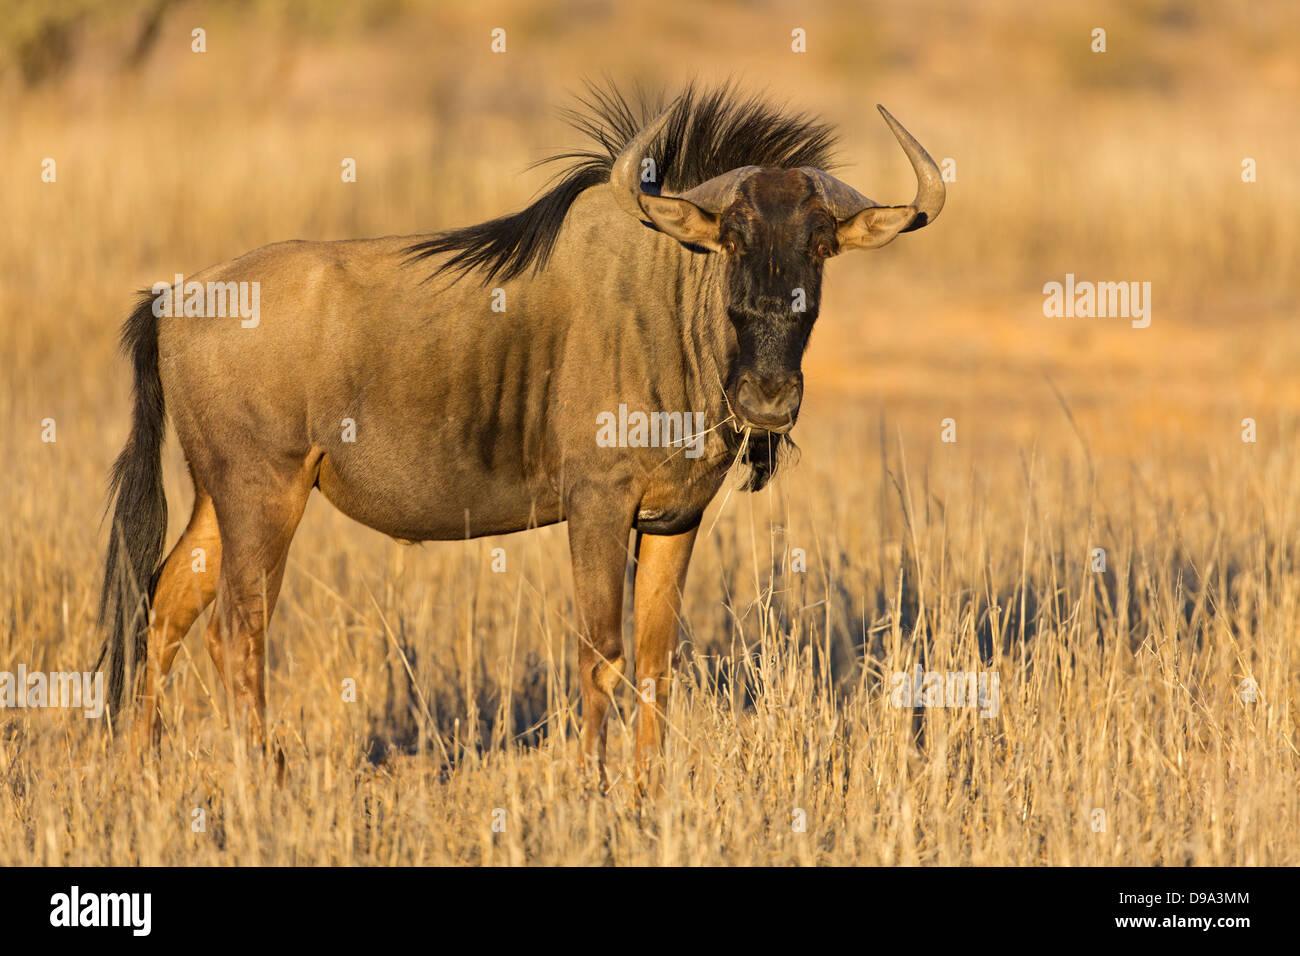 Connochaetes taurinus, Blue Wildebeest, Common Wildebeest, Streifengnu - Stock Image